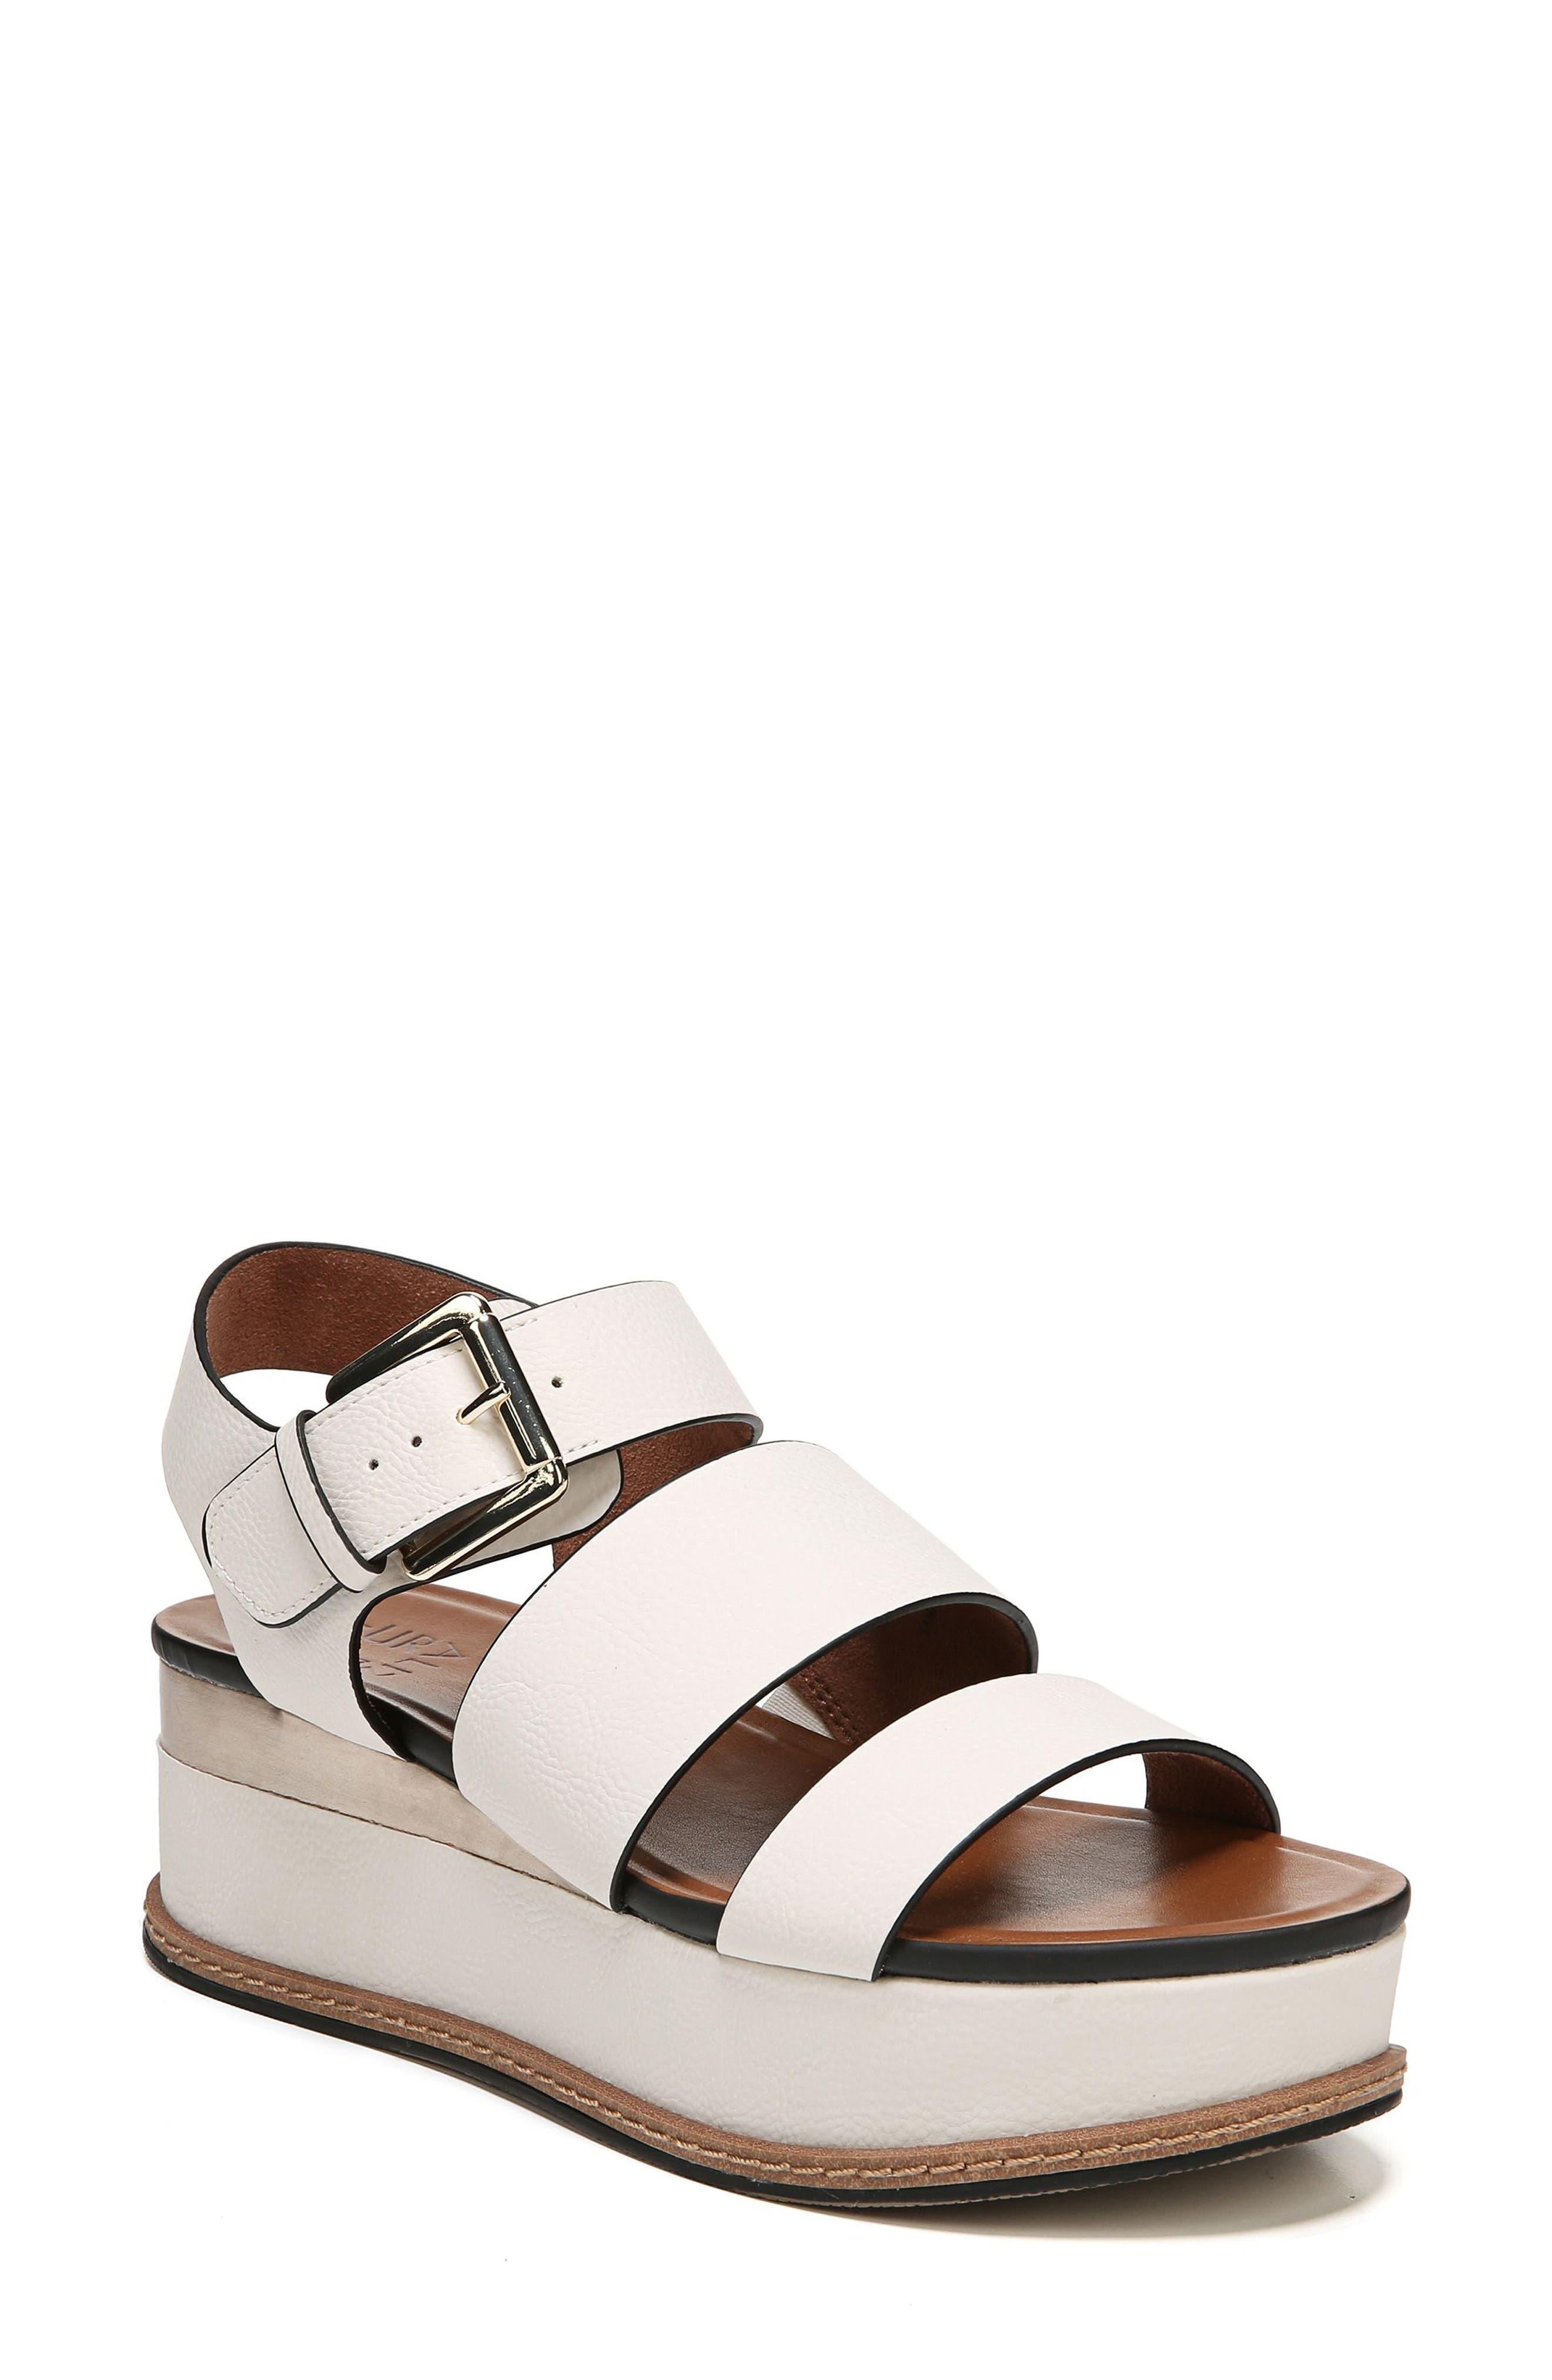 Naturalizer Billie Platform Sandal- White